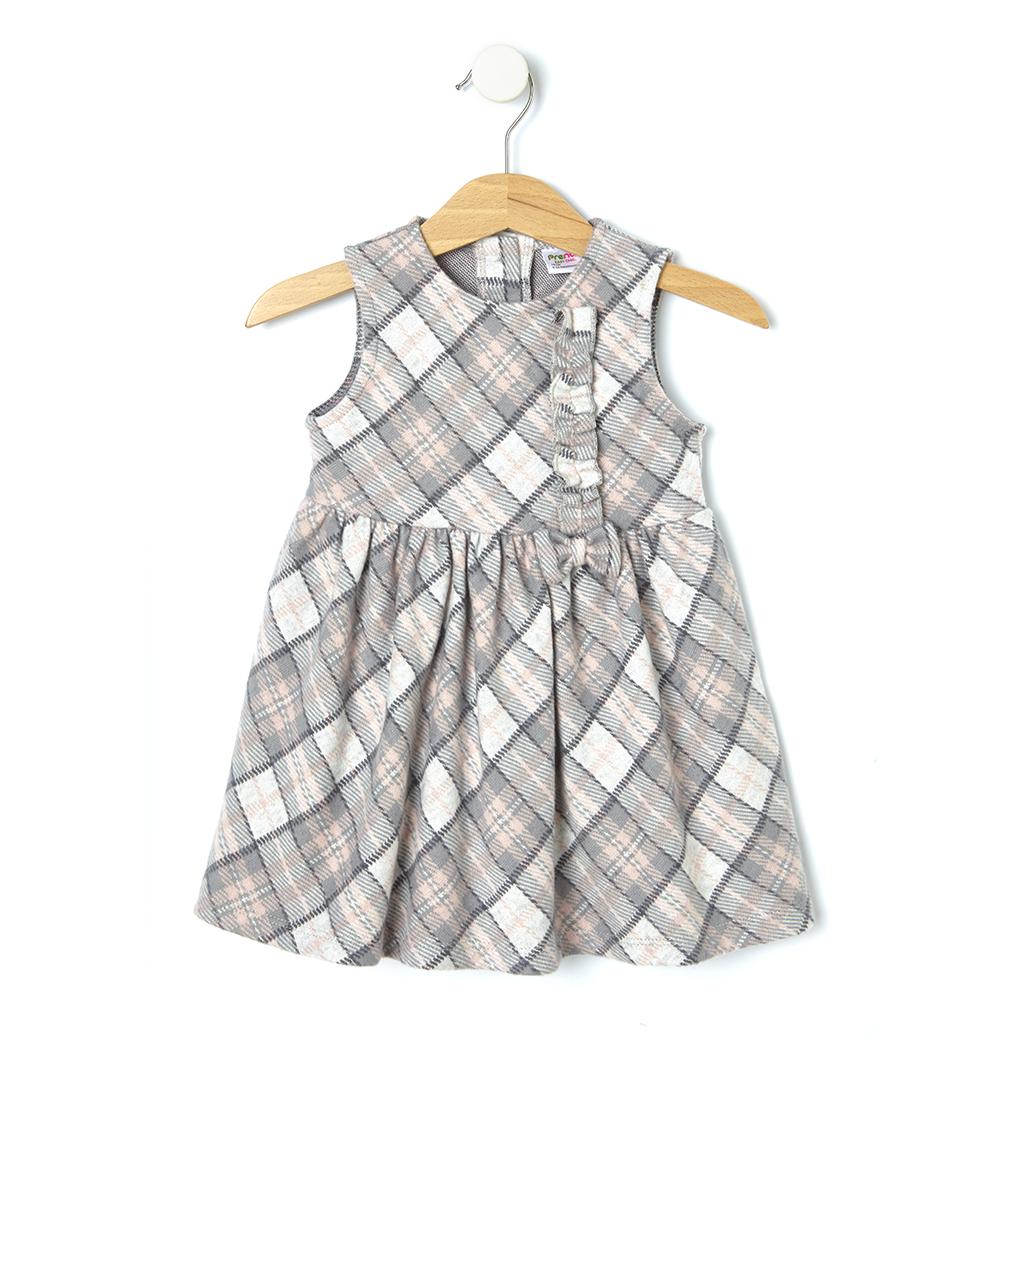 Φόρεμα Αμάνικο Καρό για Κορίτσι